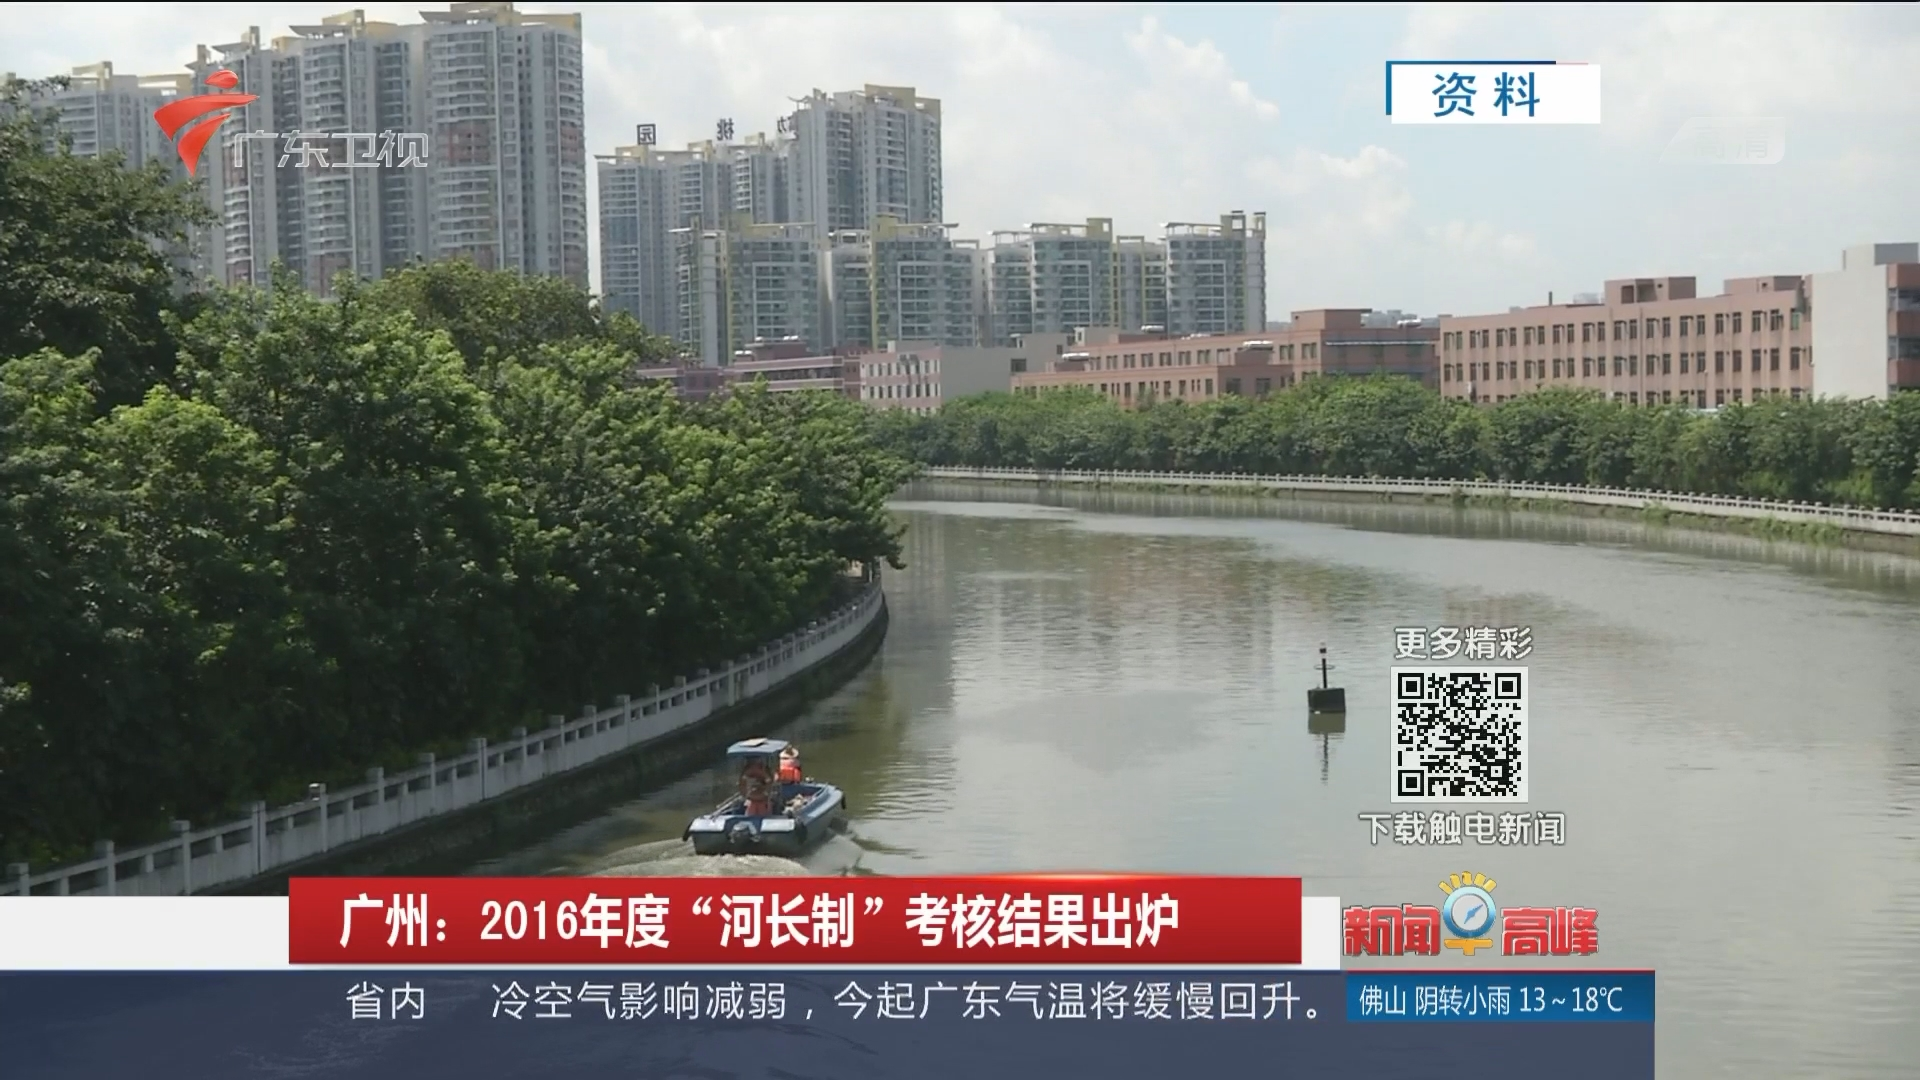 """广州:2016年度""""河长制""""考核结果出炉"""